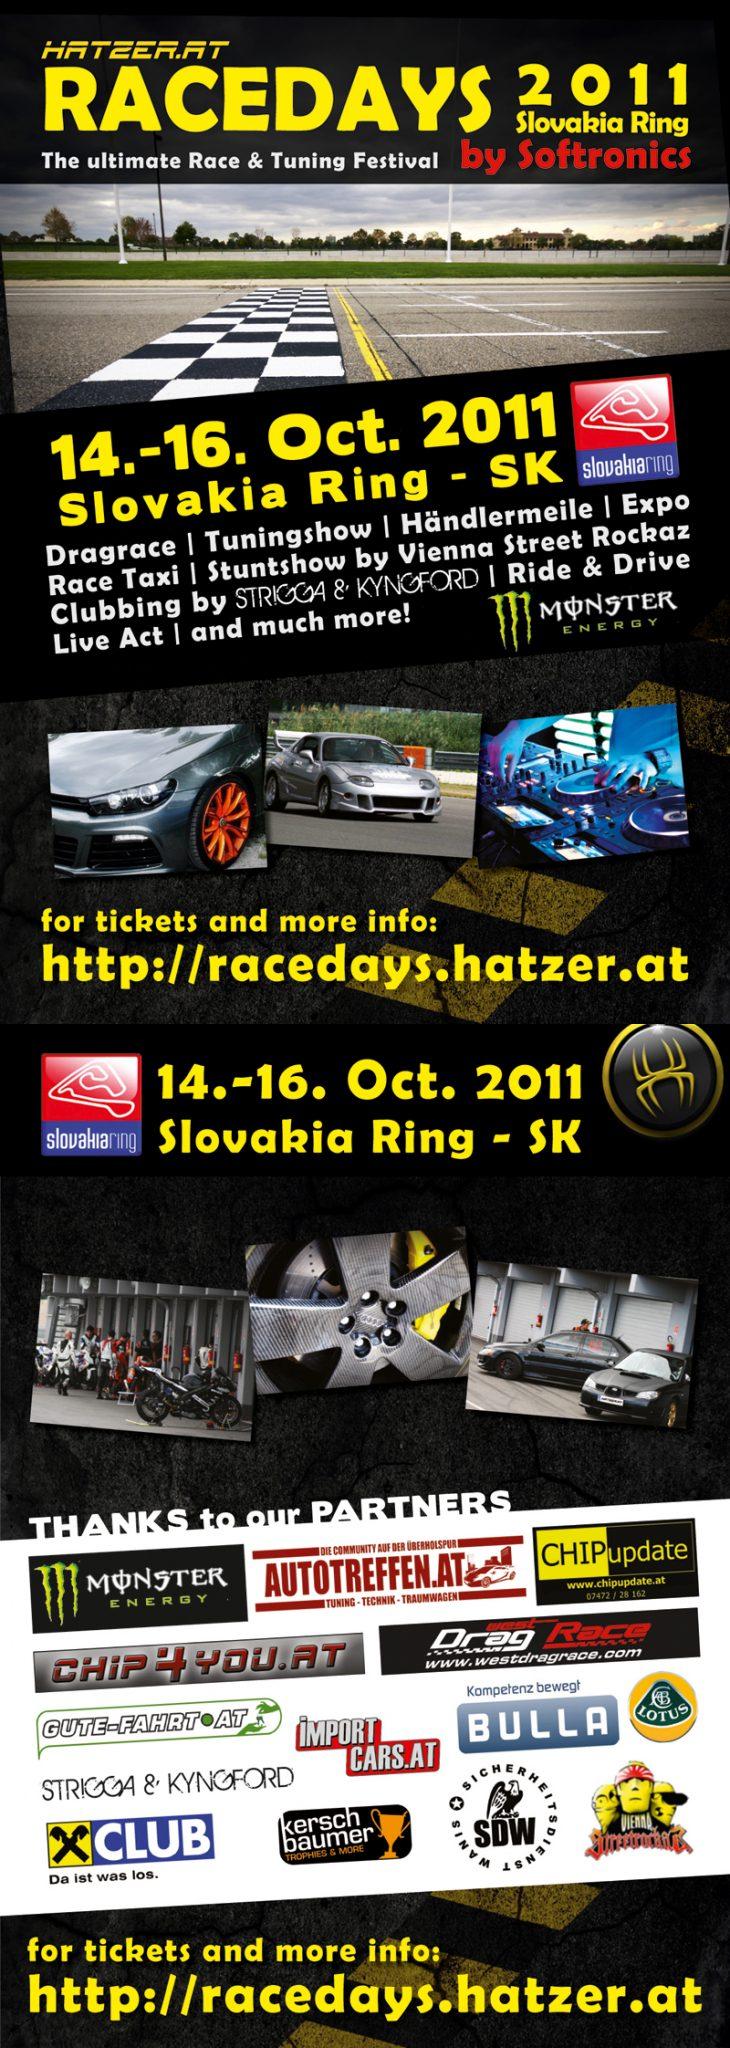 Racedays 2011